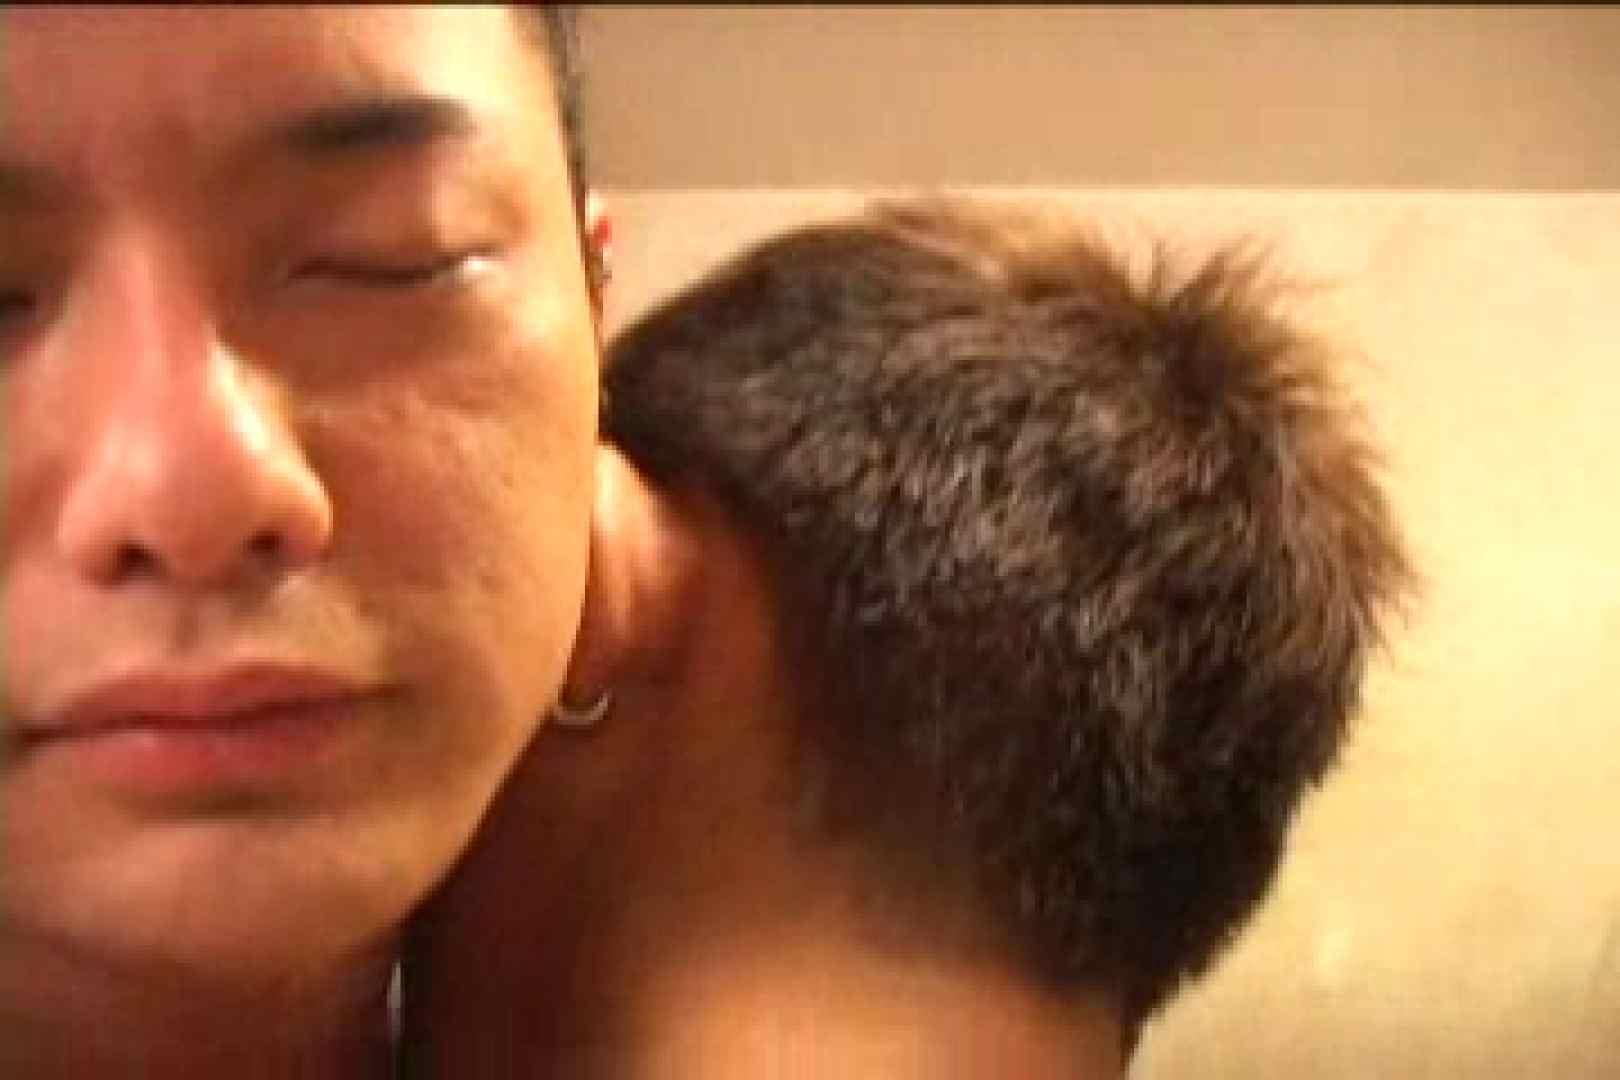 光り輝く男たちのロマンシングメモリー!!vol.05 菊指 ゲイエロ動画紹介 107画像 34